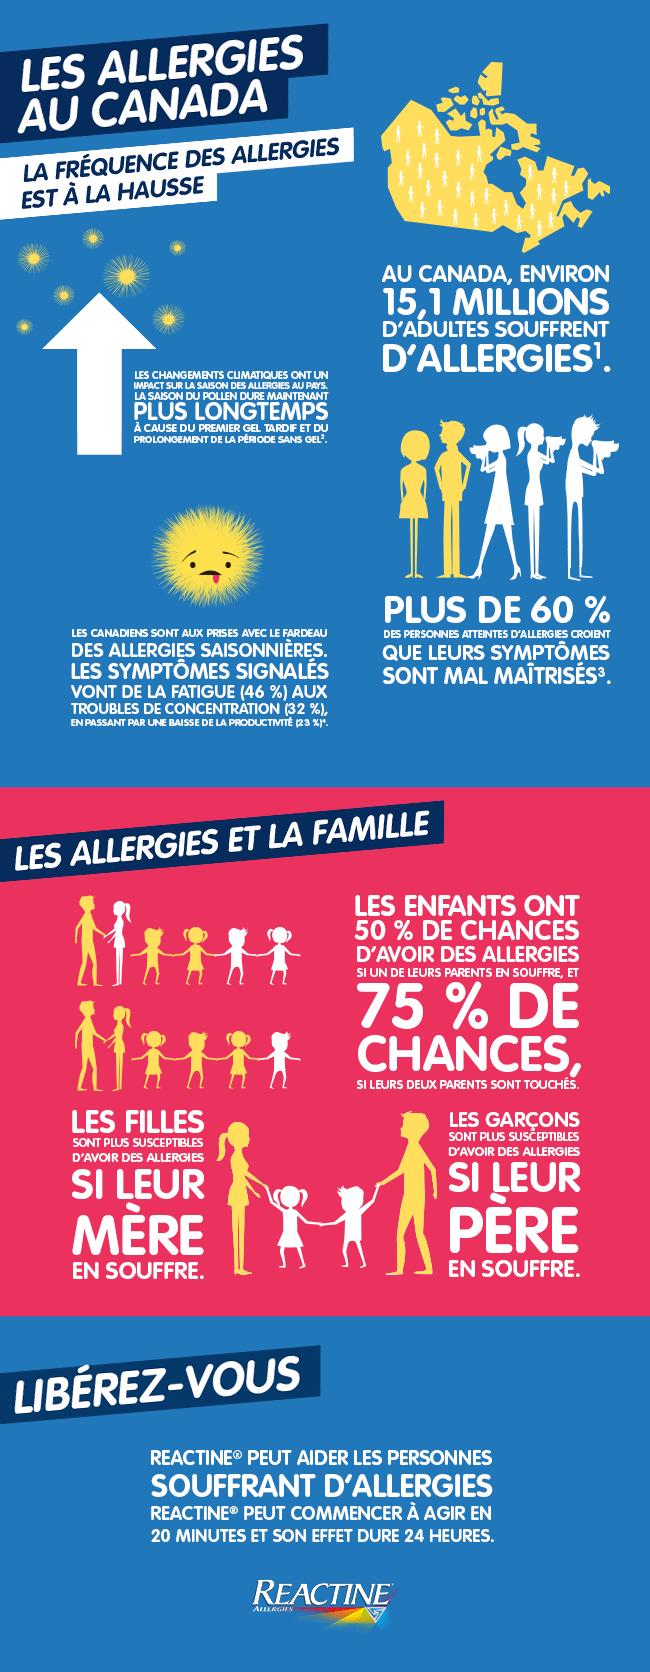 Les allergies au Canada